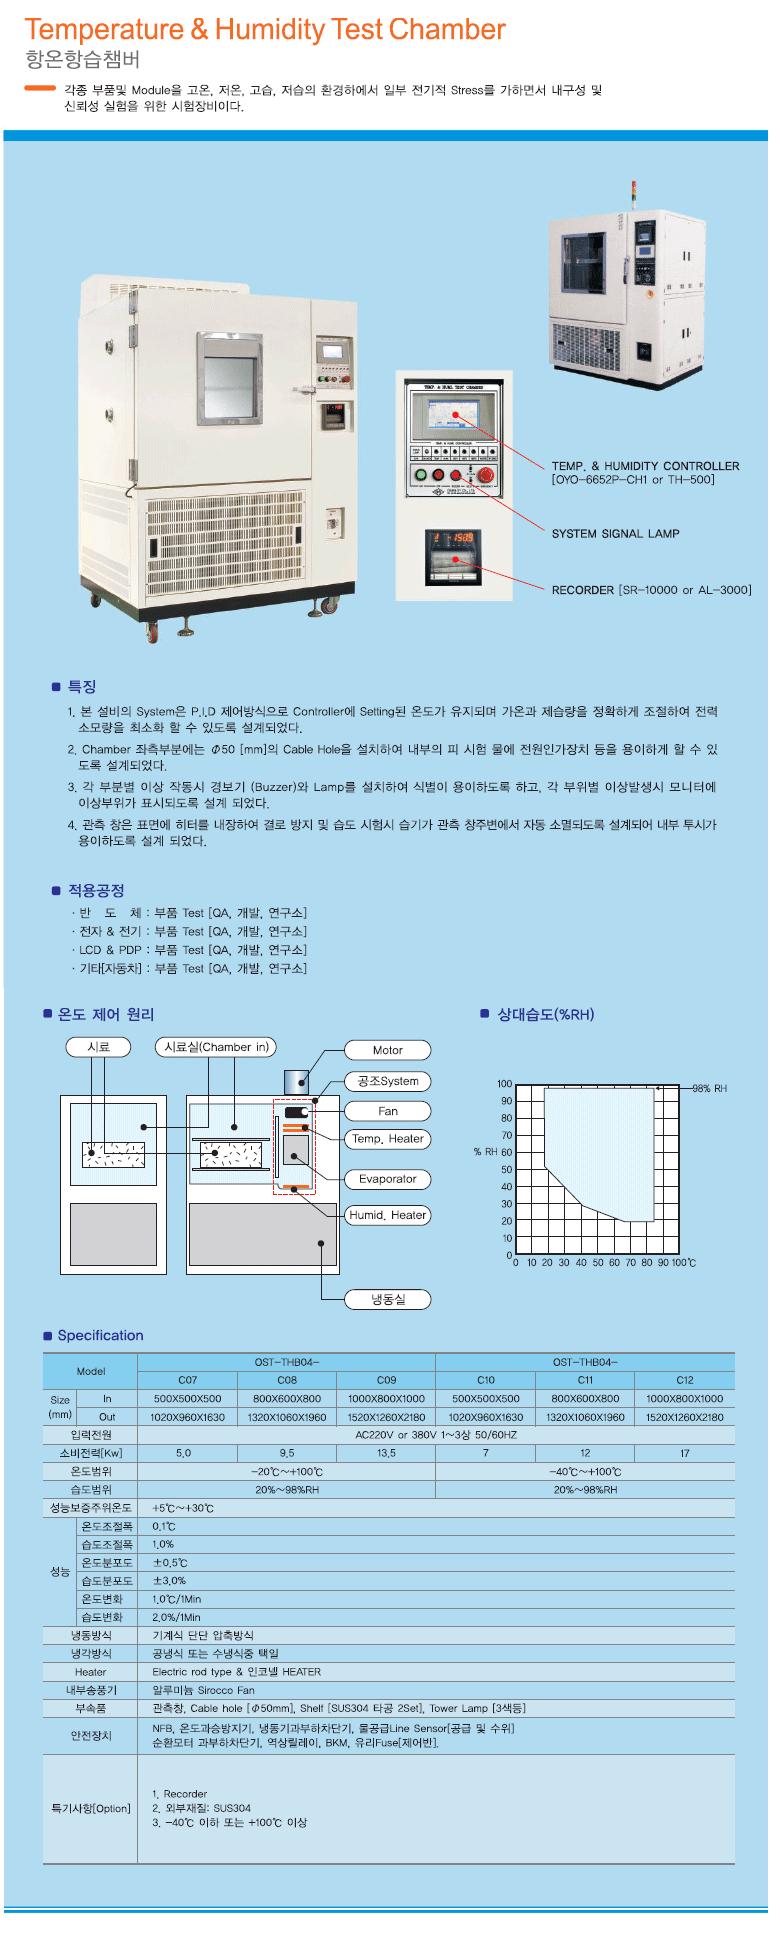 (주)오성에스티 항온항습챔버 OST-THB04-C Series